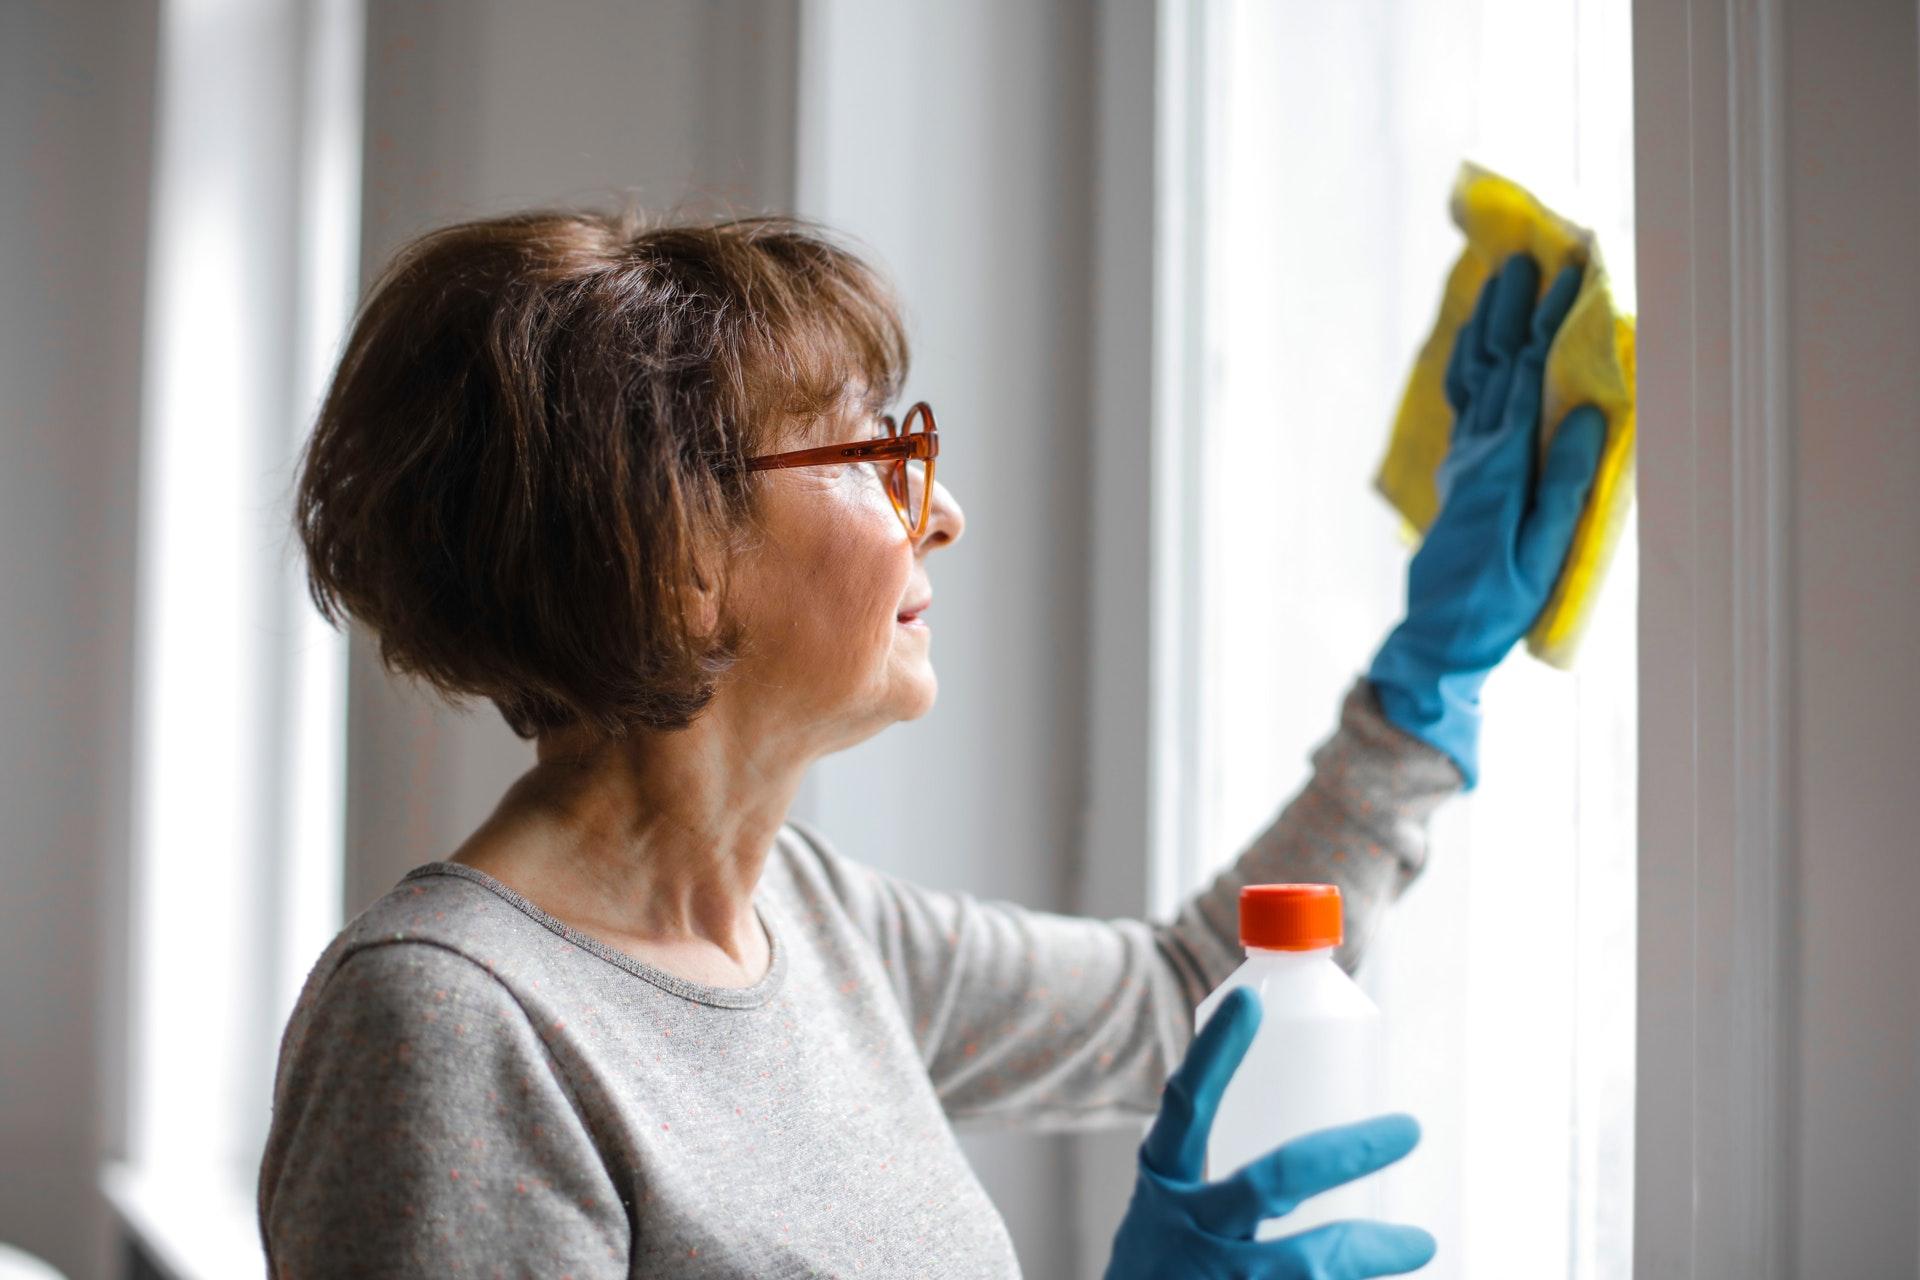 Dlaczego warto kupować ekologiczne środki czystości do domu? - Zdjęcie główne